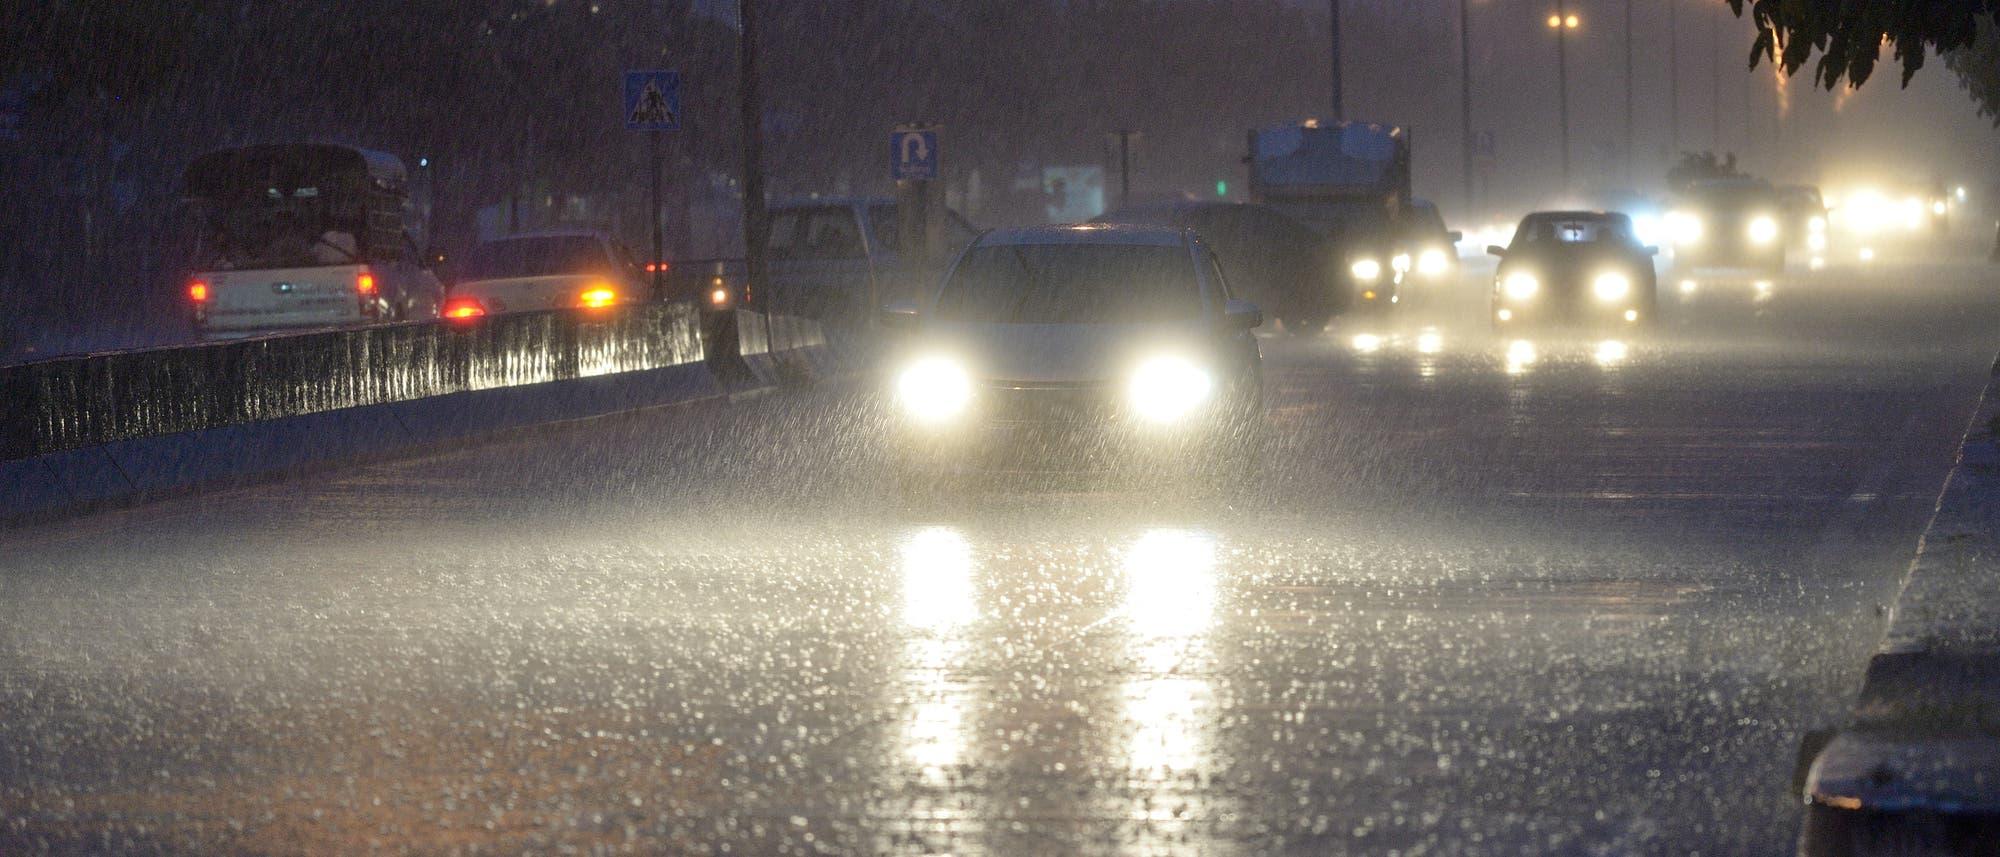 Autos auf regennasser Fahrbahn bei Nacht.